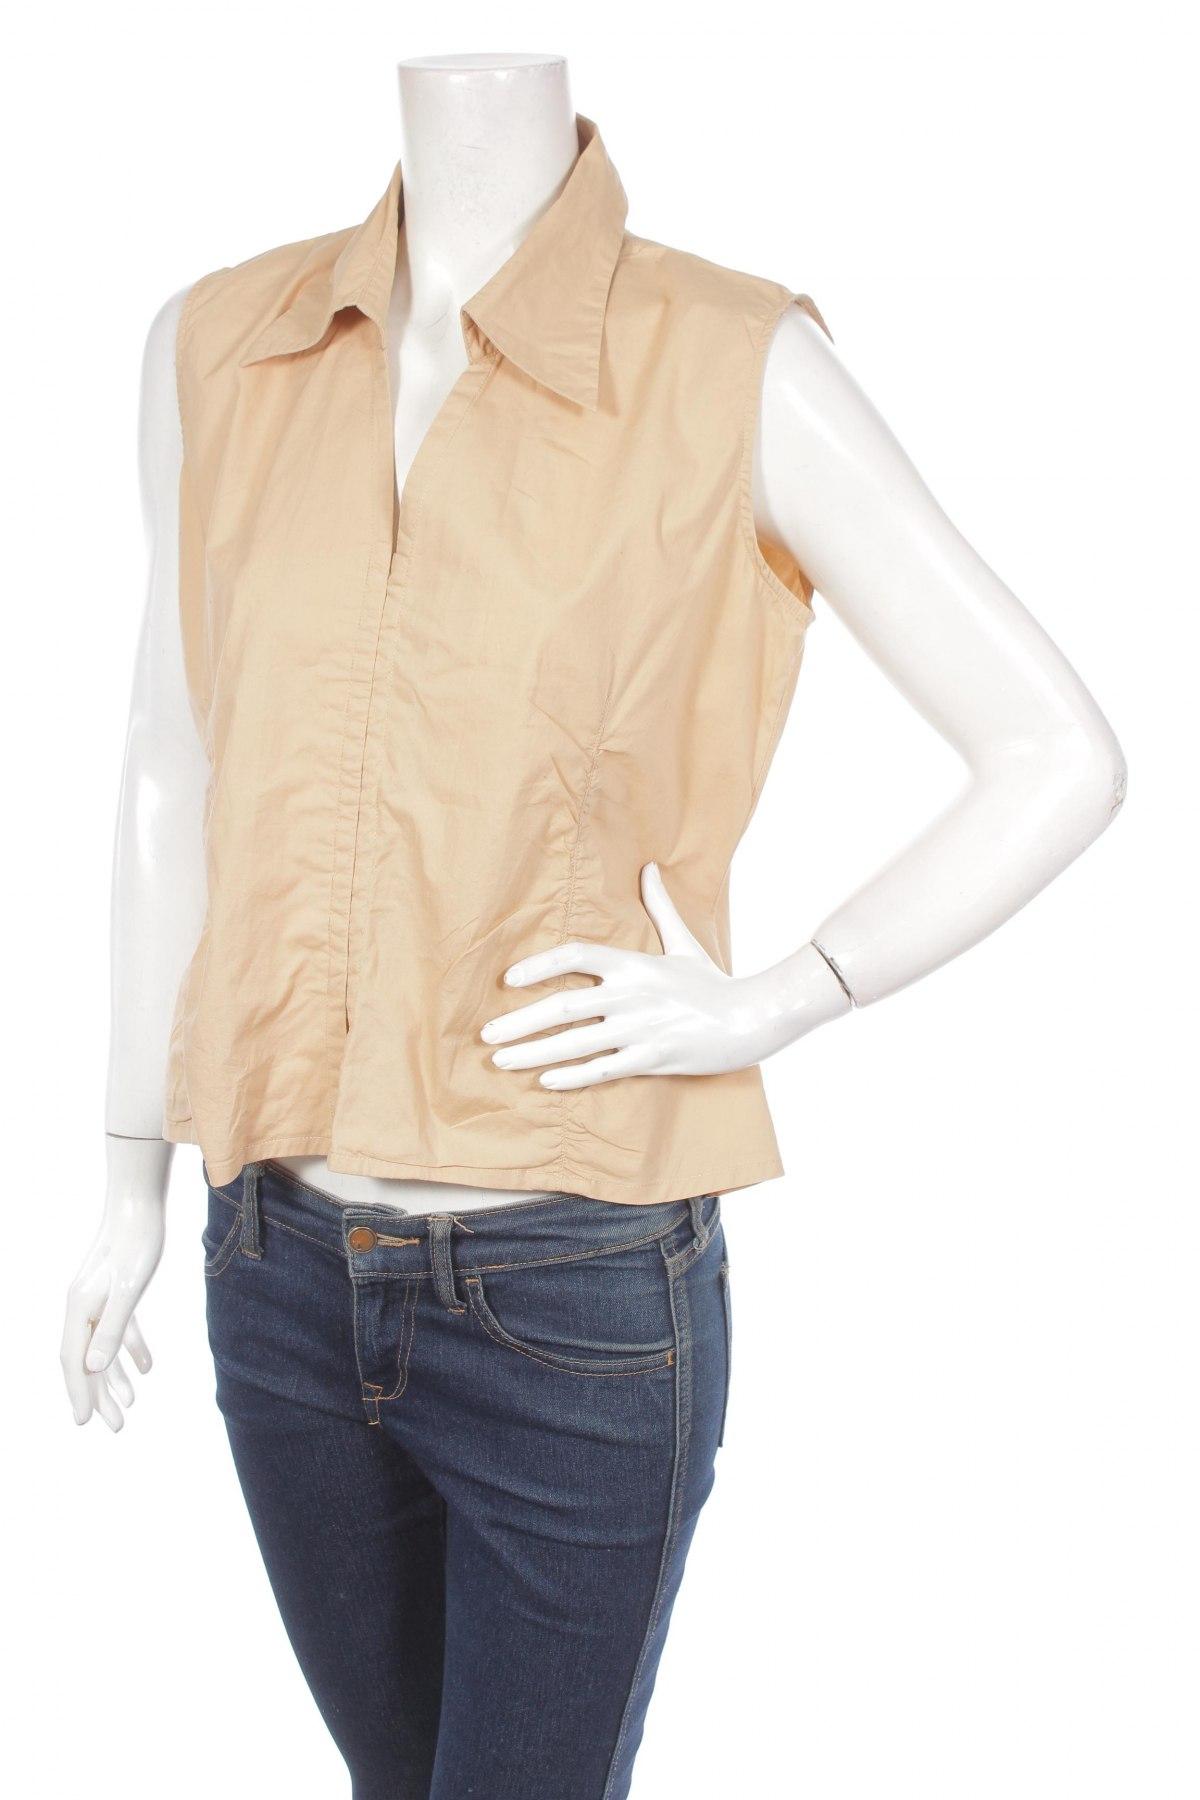 Γυναικείο πουκάμισο Blue Motion, Μέγεθος XL, Χρώμα  Μπέζ, 97% βαμβάκι, 3% ελαστάνη, Τιμή 9,28€